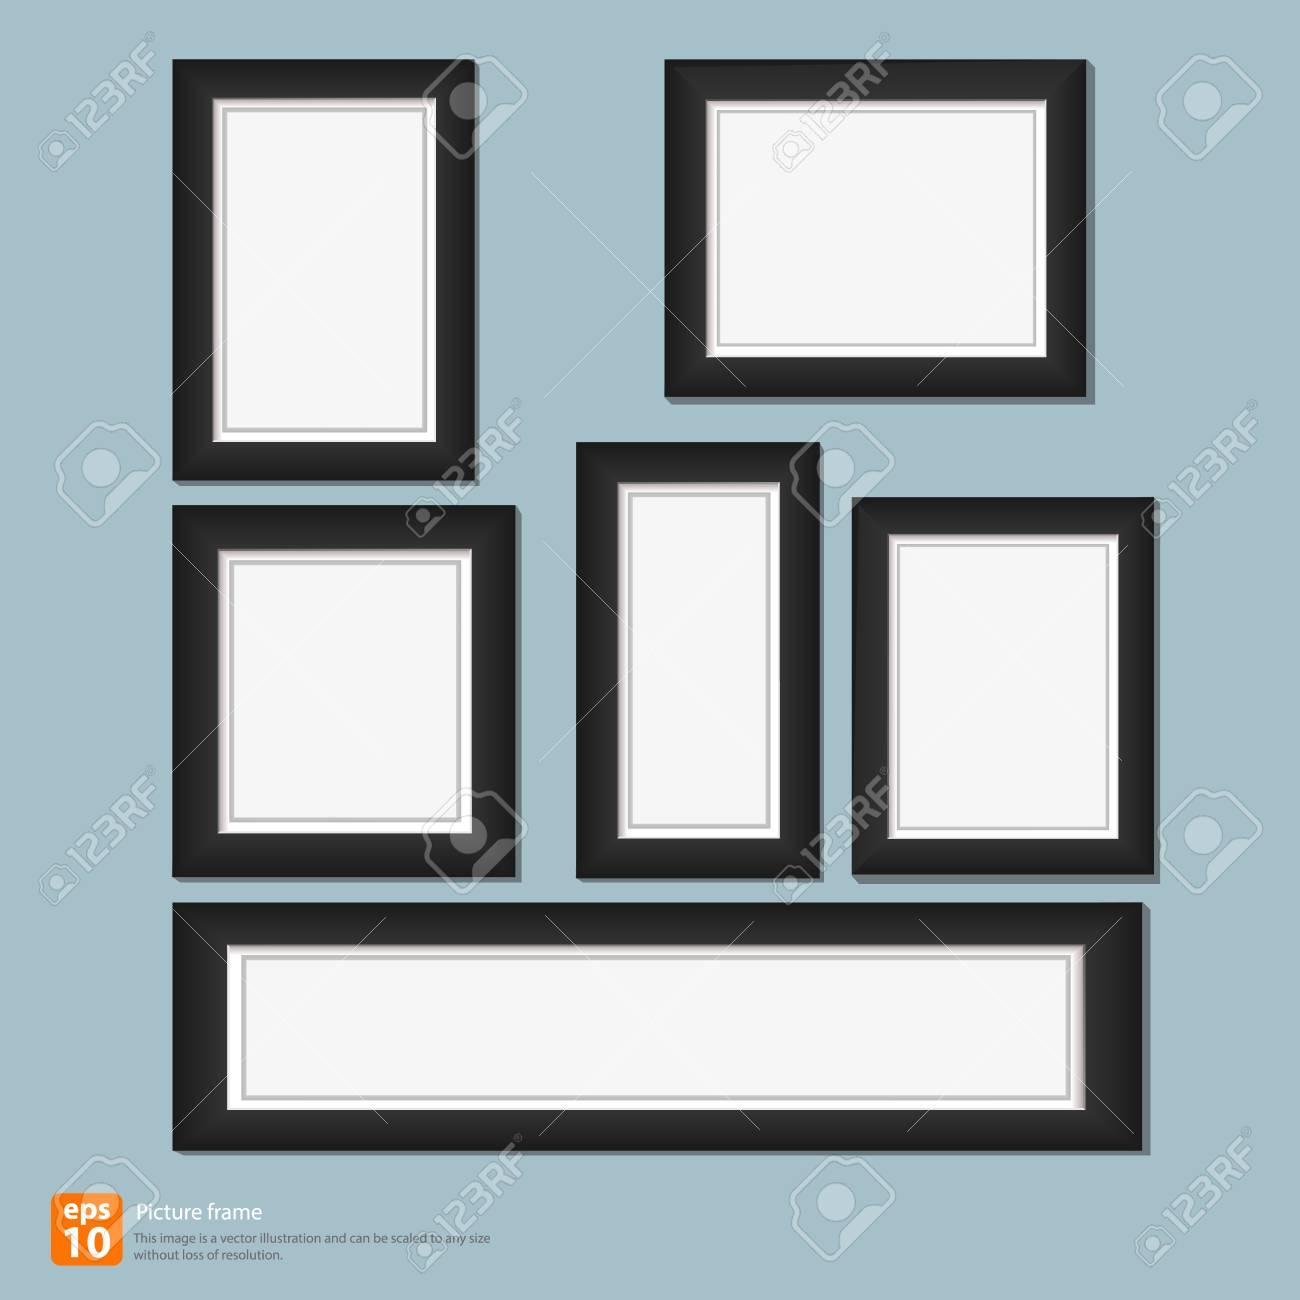 Modernen Bilderrahmen Lizenzfrei Nutzbare Vektorgrafiken, Clip Arts ...